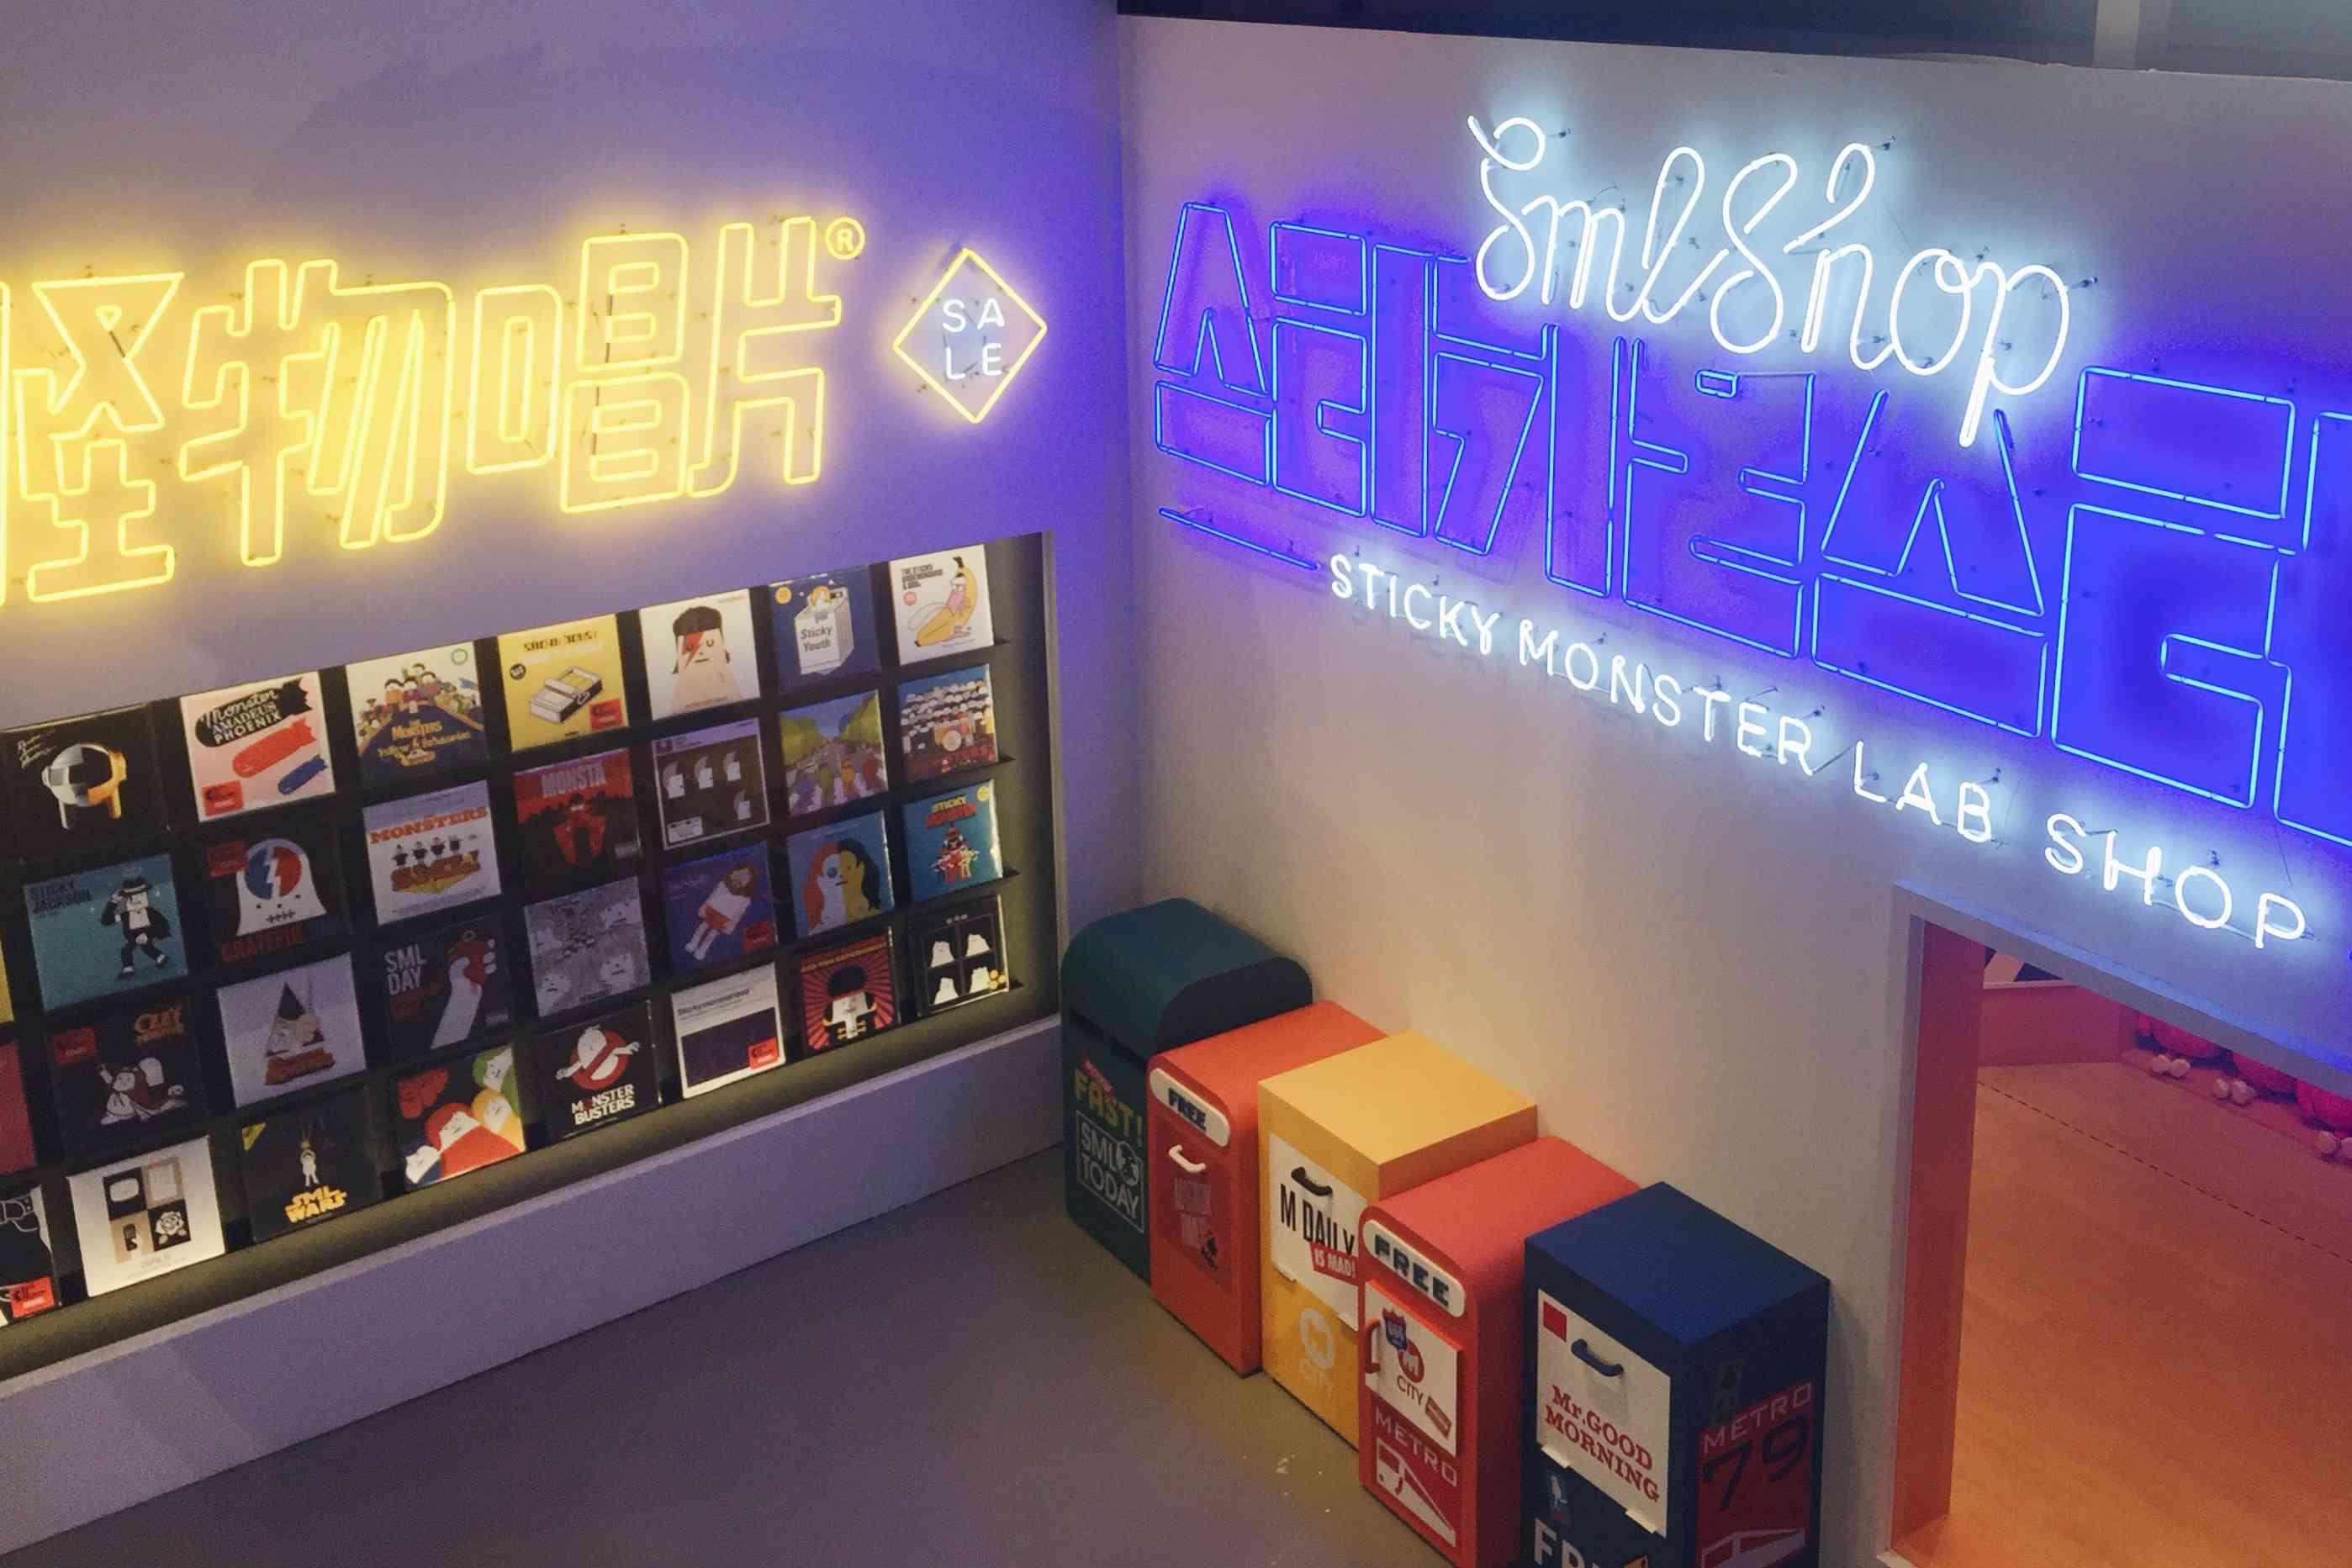 展場裡有超多霓虹燈招牌,超級時髦的啊~ 連路邊的假垃圾桶都好可愛(粉絲濾鏡)